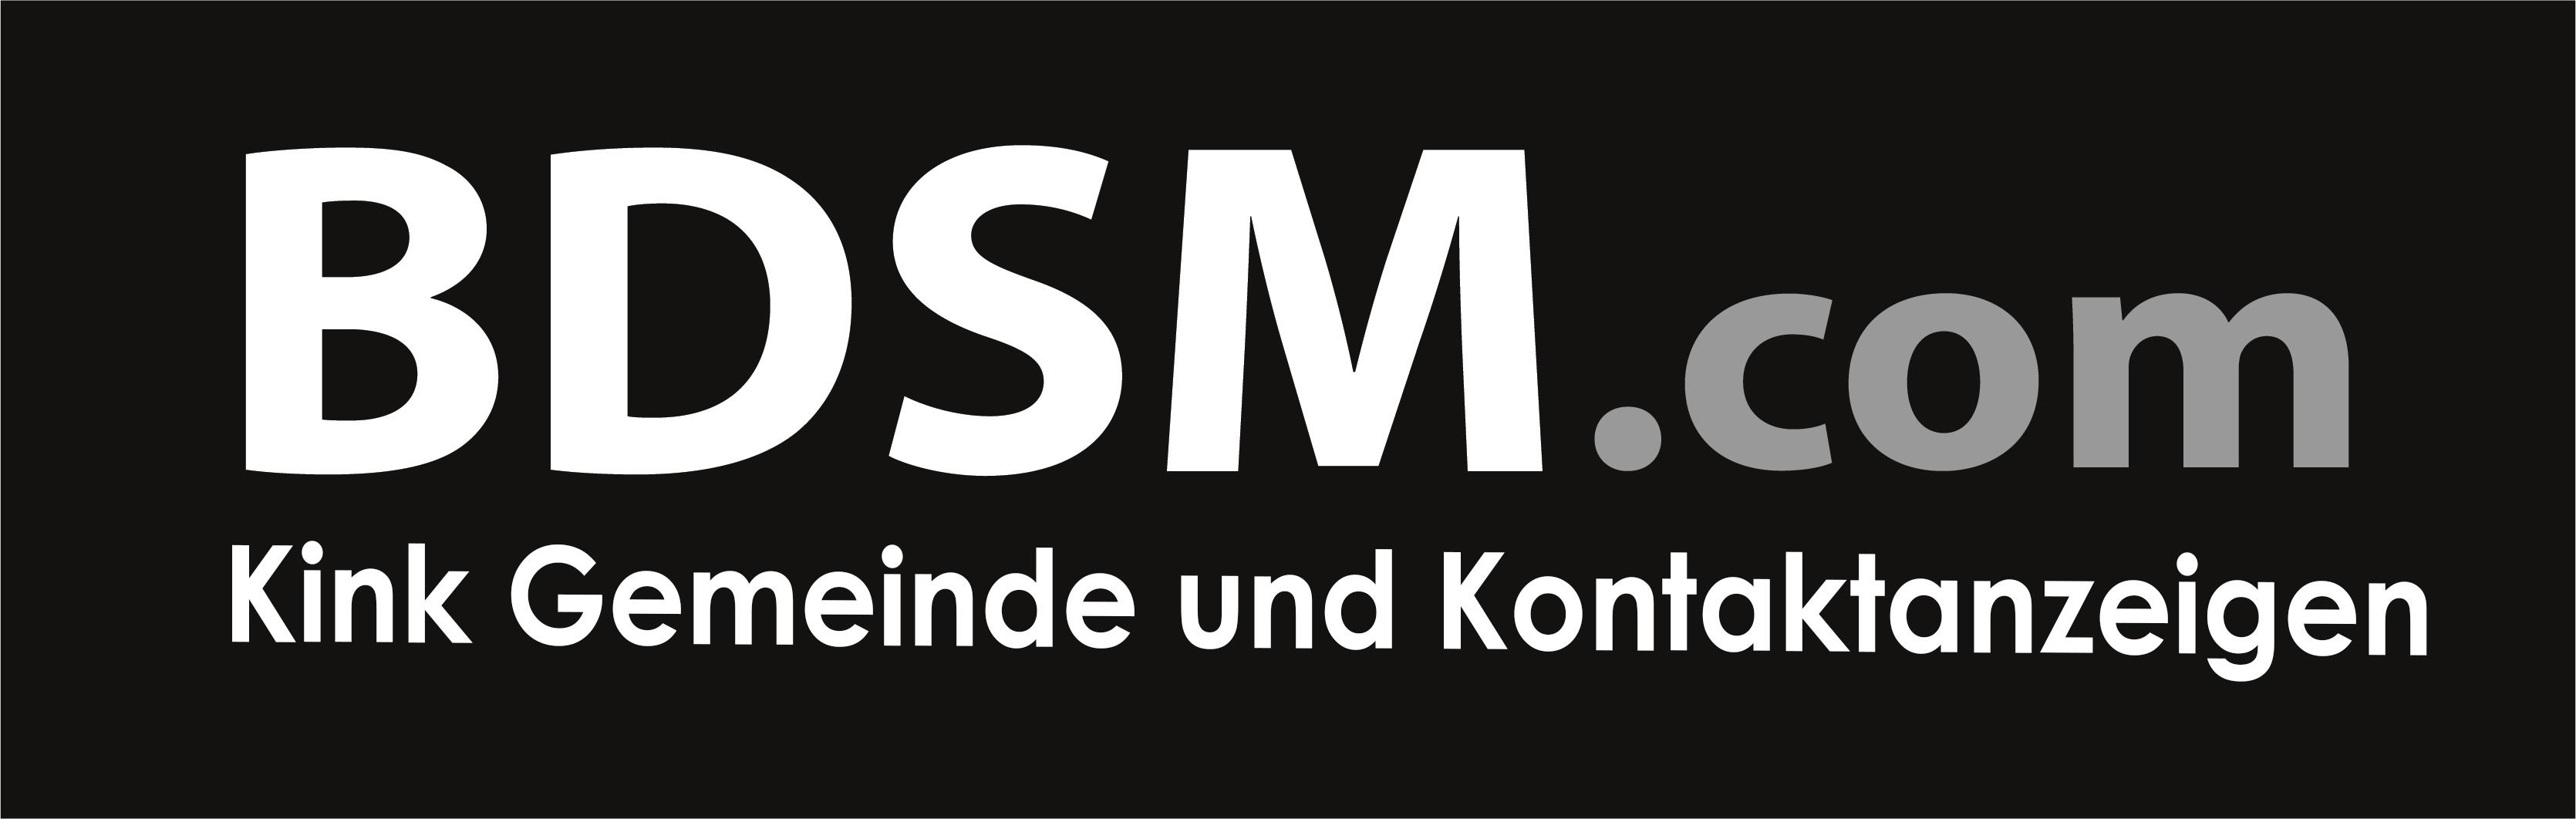 BDSM.com